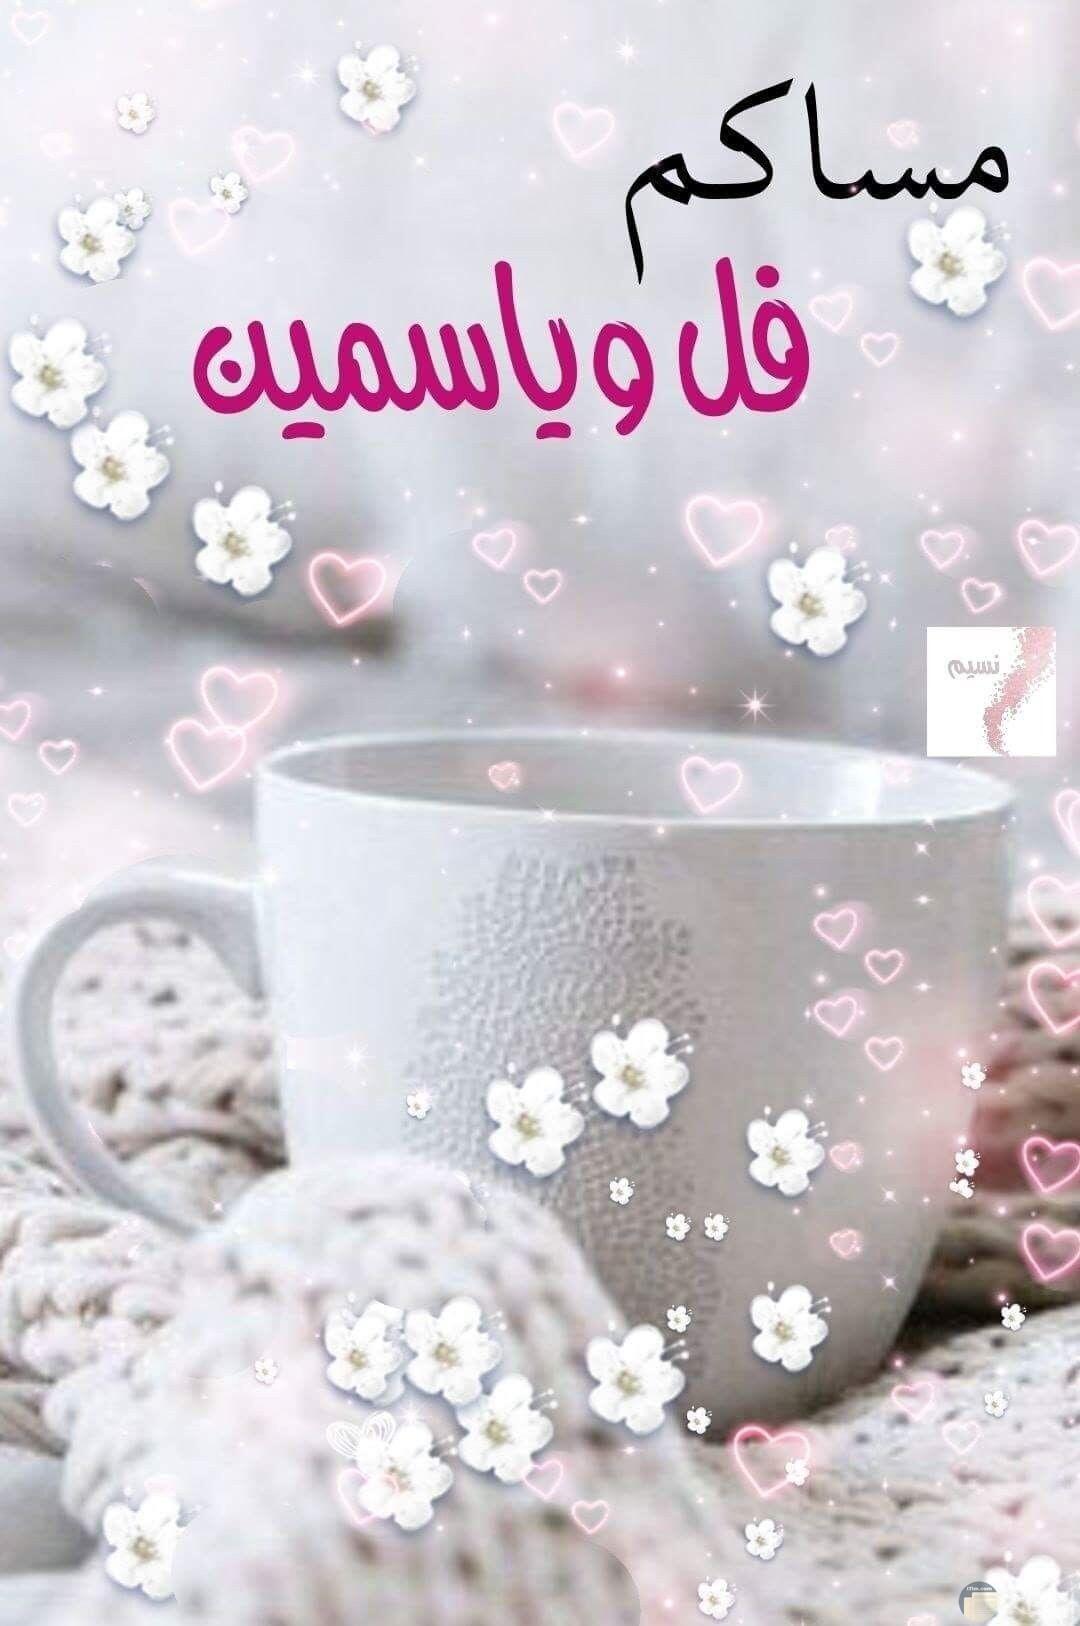 مسائكم فل و ياسمين مع صورة كوب قهوة رقيق.